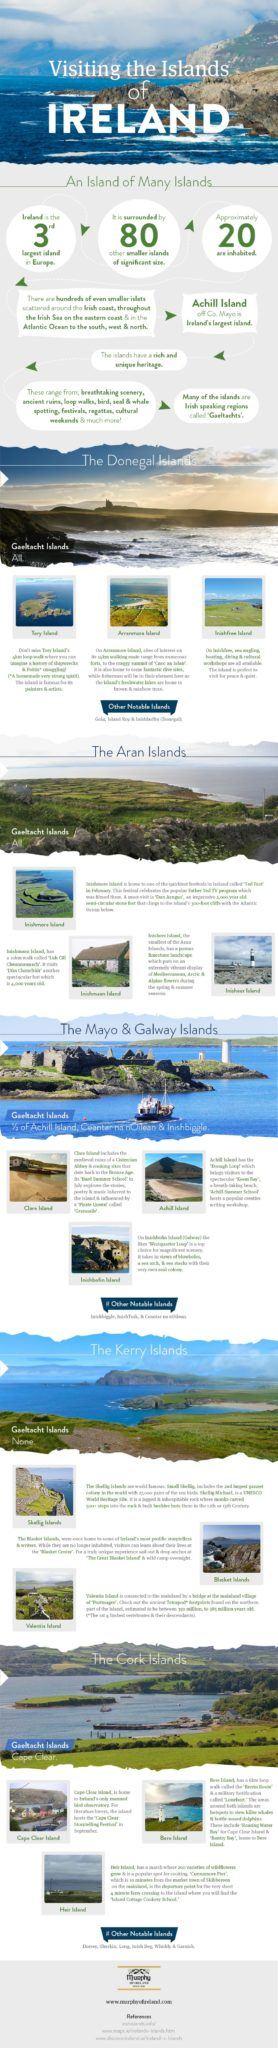 Islands of Ireland